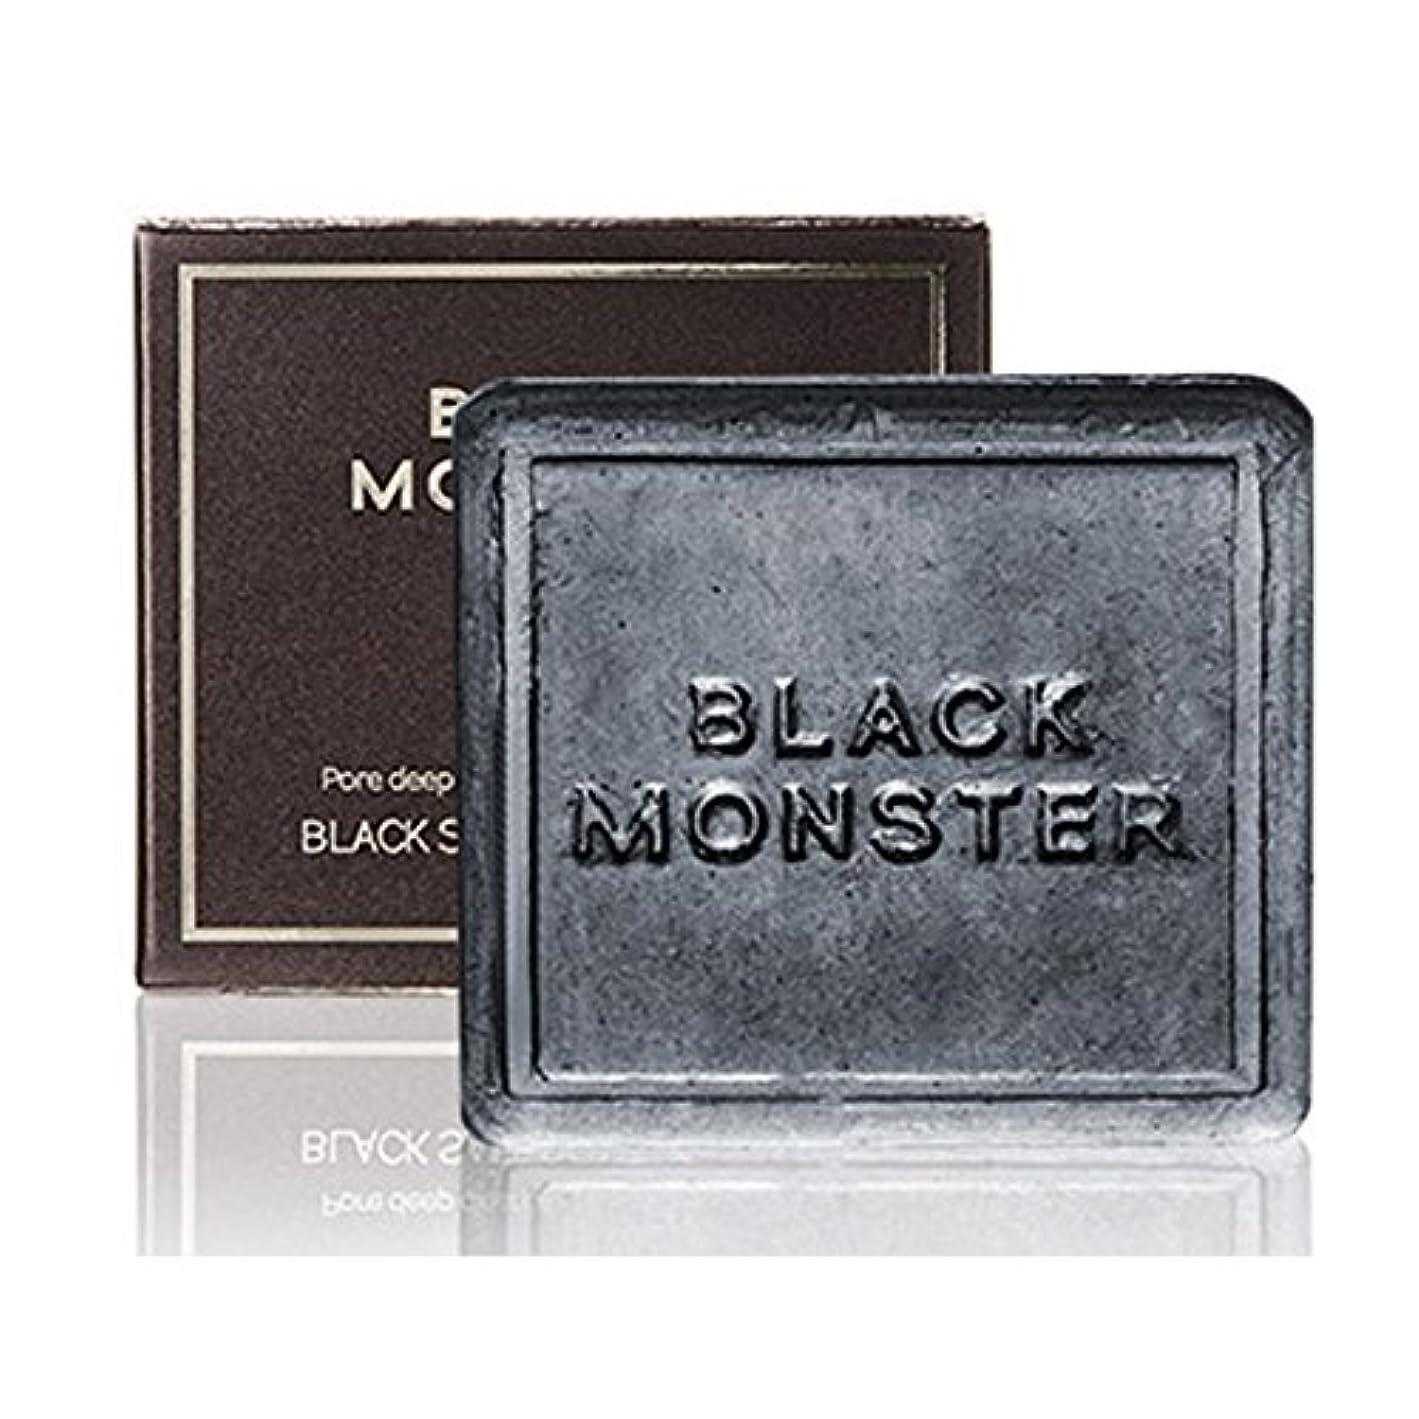 コーデリアカリキュラム著者[ブレンクTV] blanktv Black Monster ブラックソルトコントロールバー 120g 海外直送品 black salt control bar [並行輸入品]